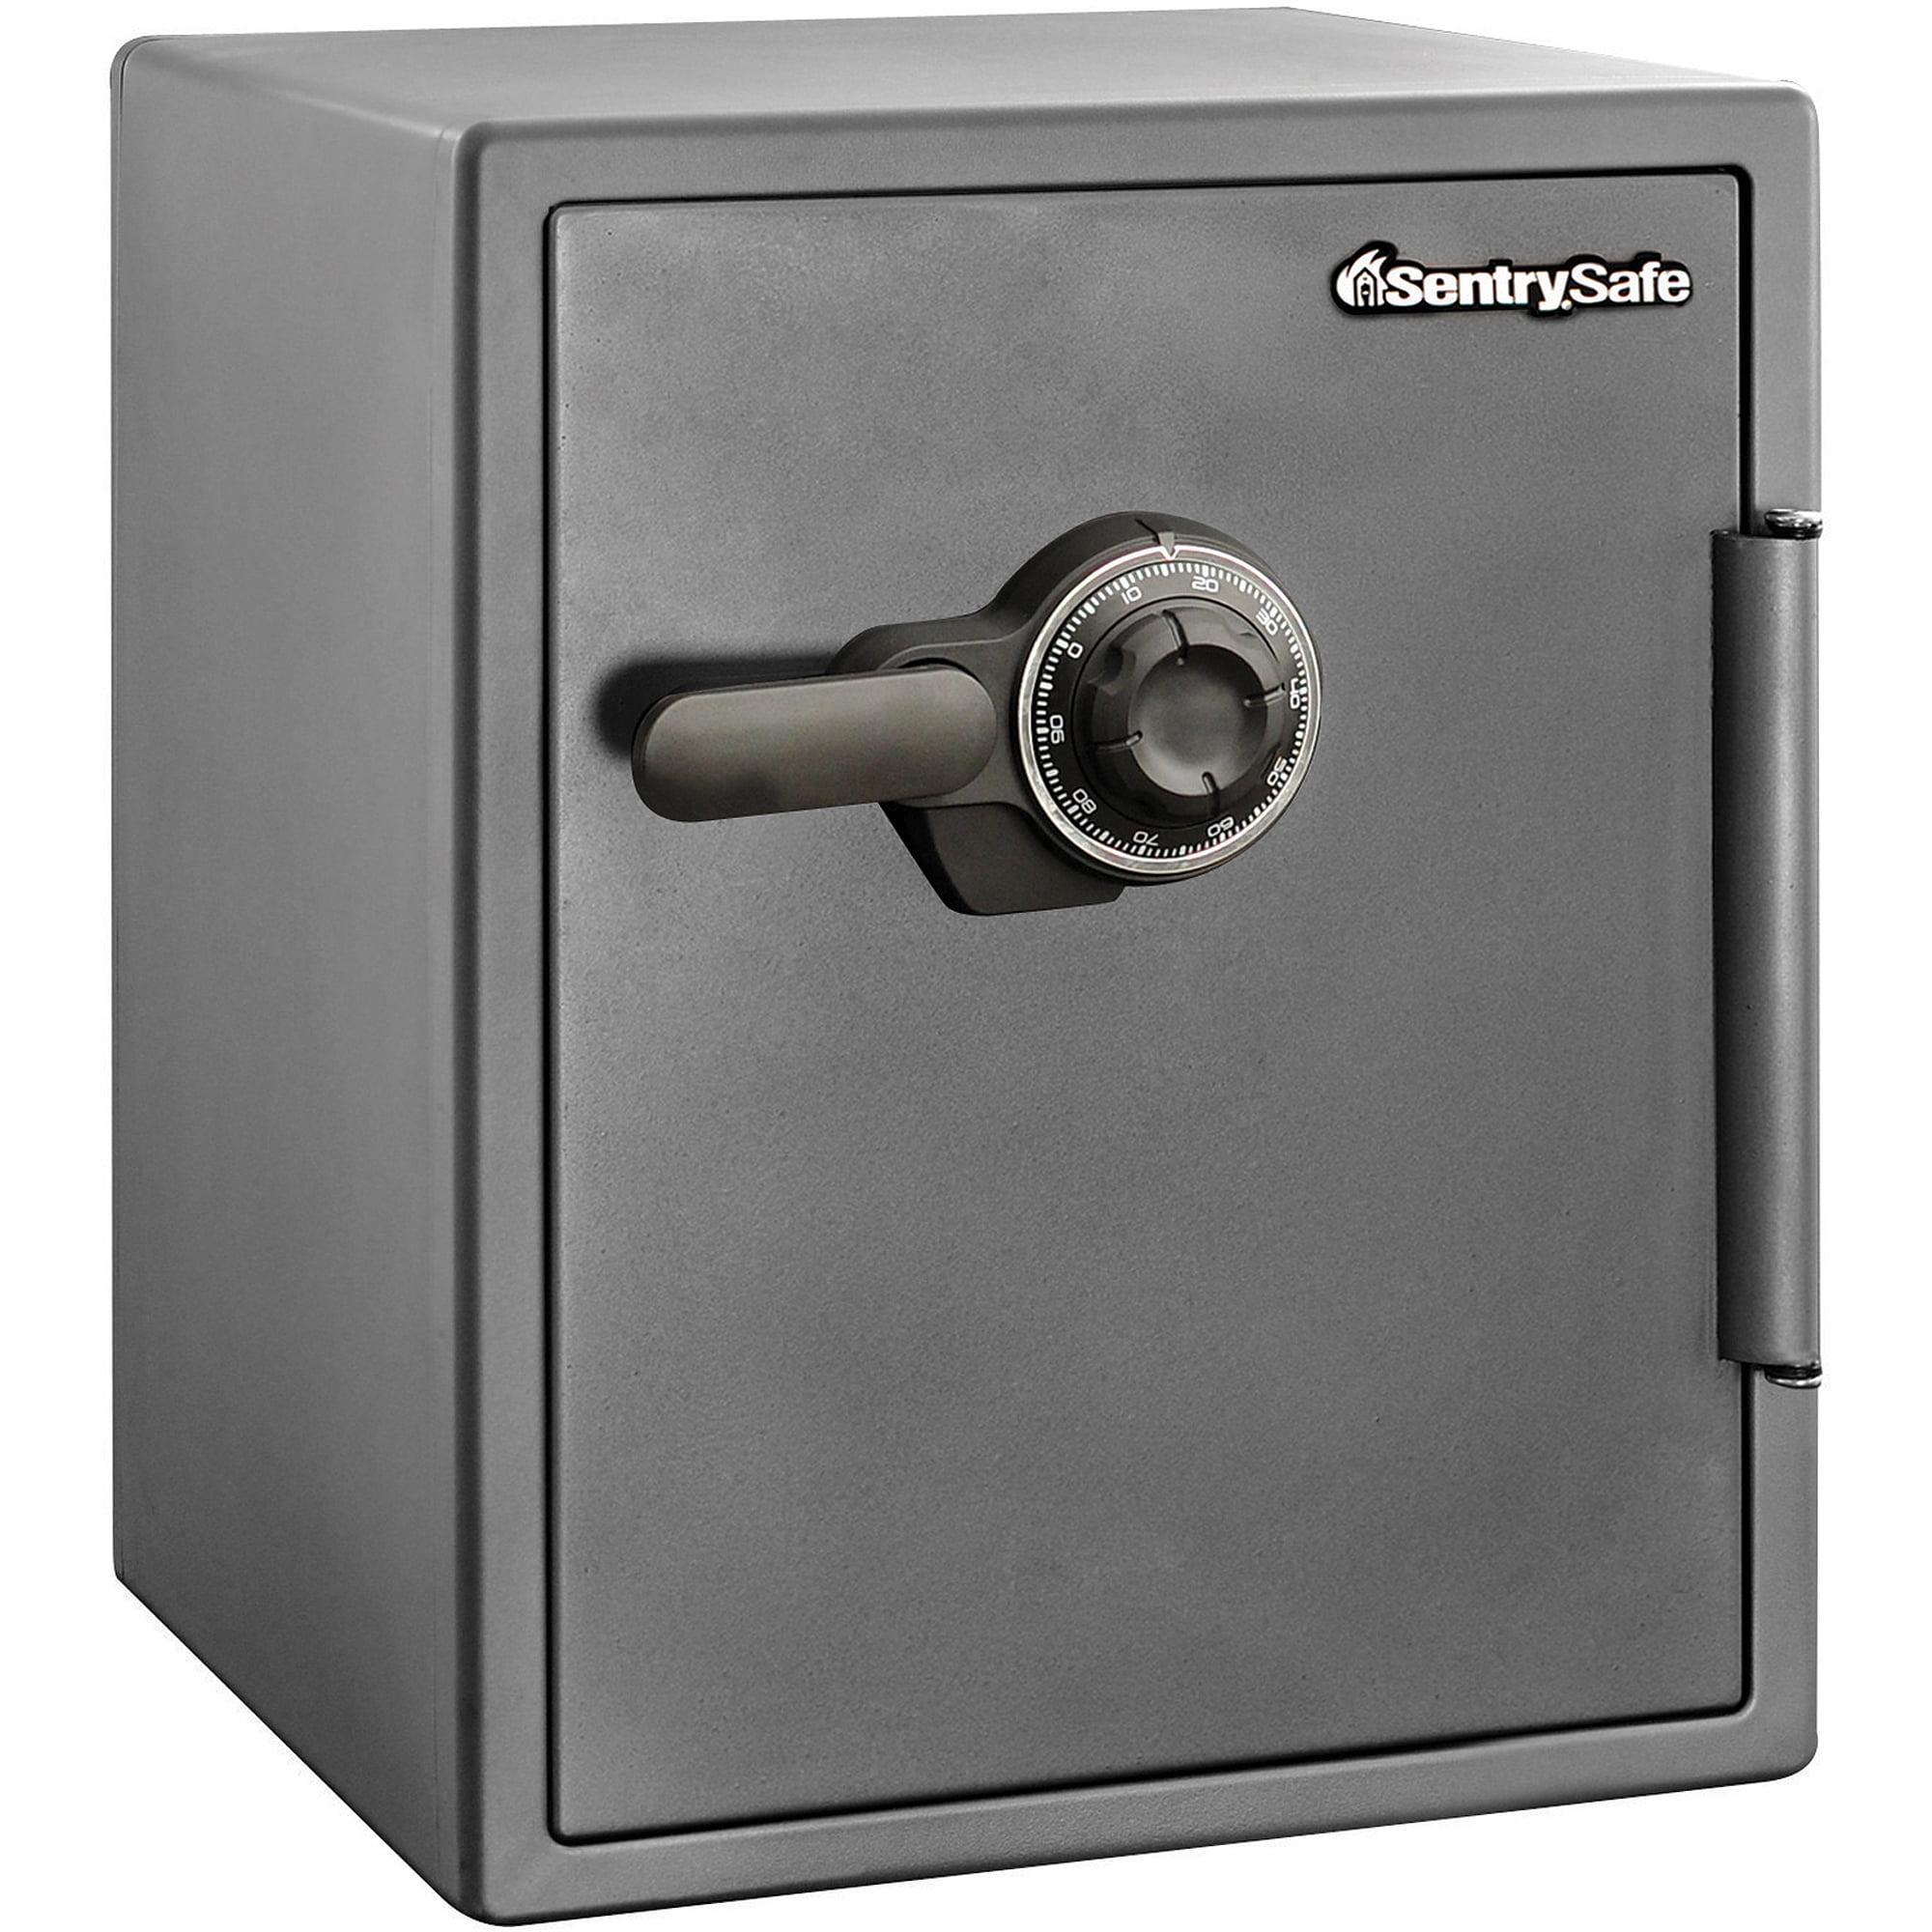 Sentrysafe Sf205cv Combination Fire Security Safe 2 Cu Ft